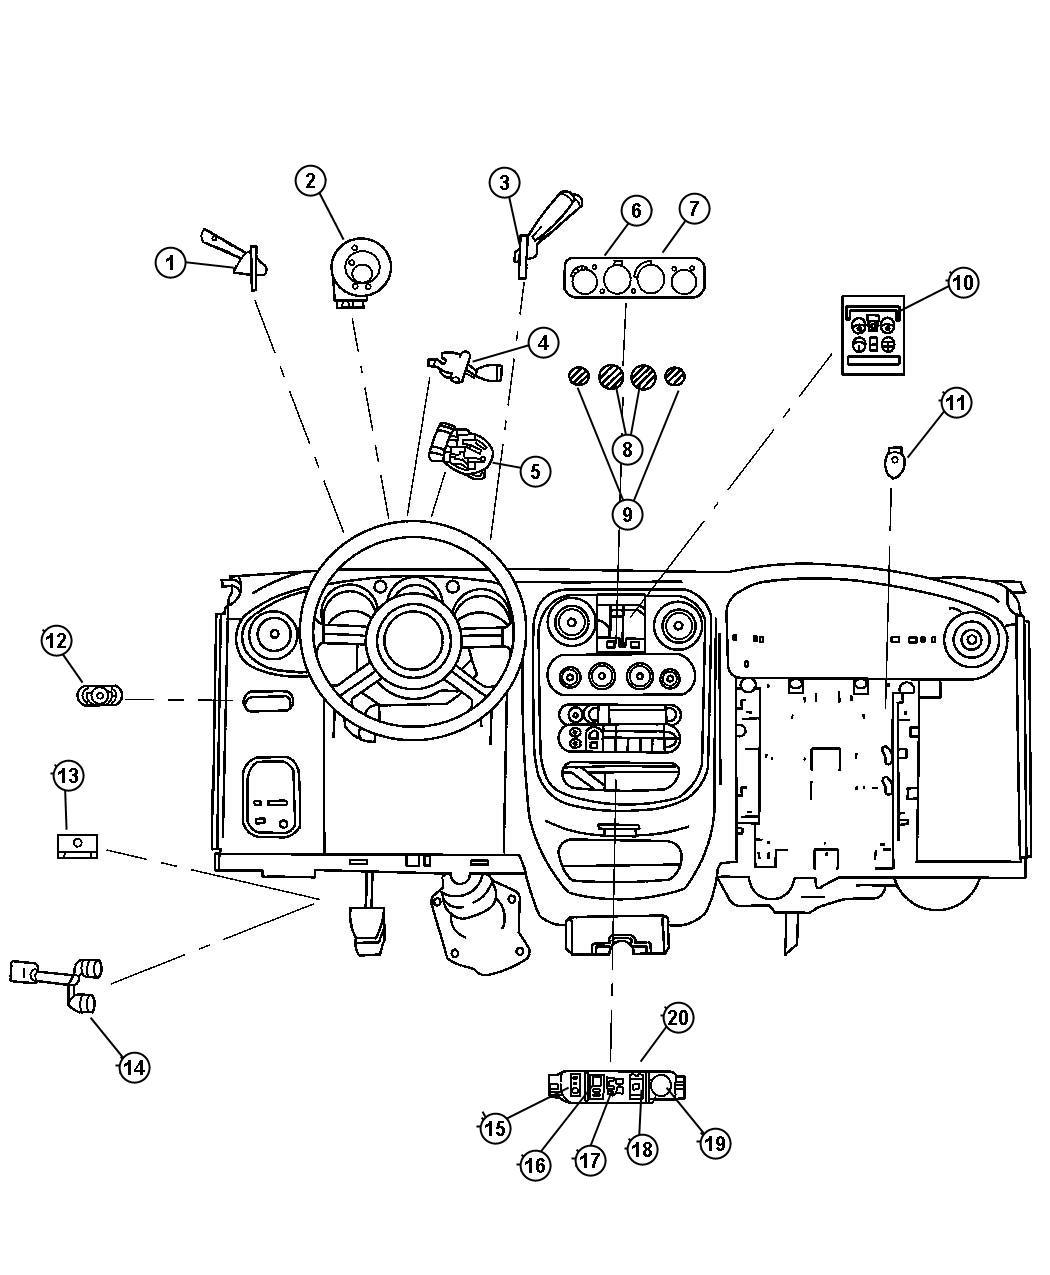 Chrysler pt cruiser.  Кнопка, кондиционер управление, переключатель и гнездо, мощность окно, 5 gang.